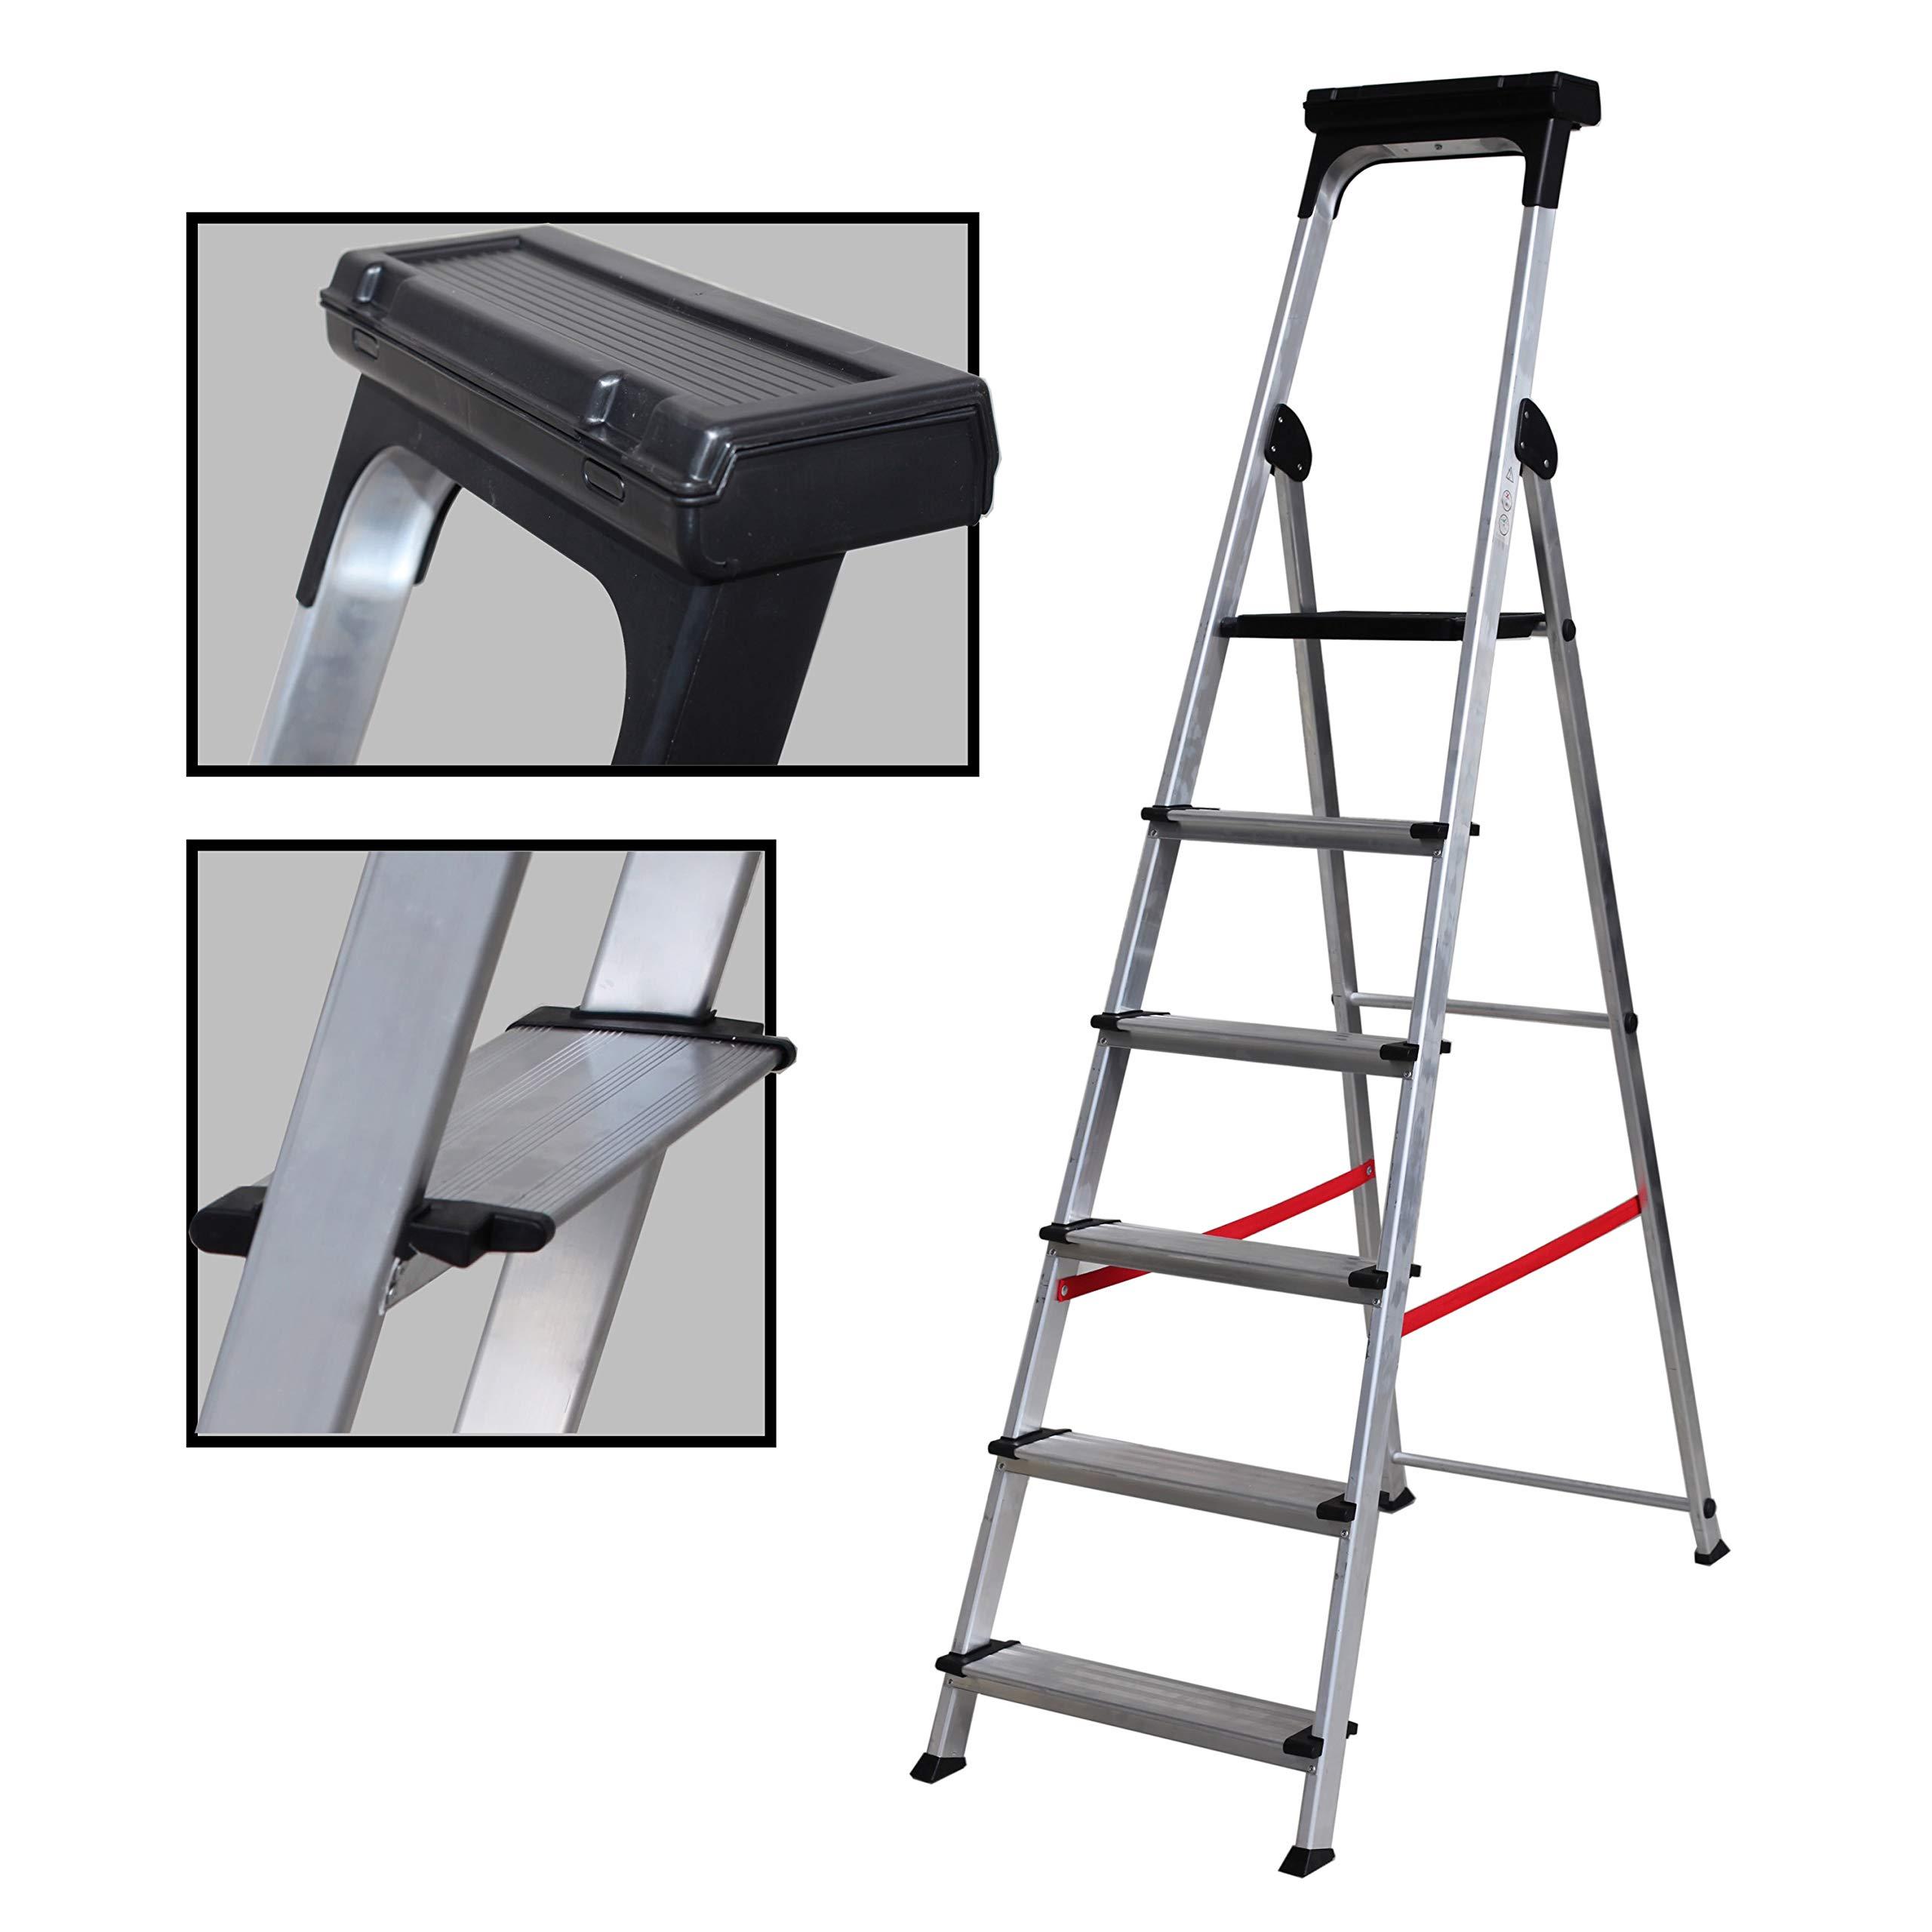 Escalera Ancha de Aluminio ELITE PLUS (6 Peldanos). BTF-TJB406: Amazon.es: Bricolaje y herramientas